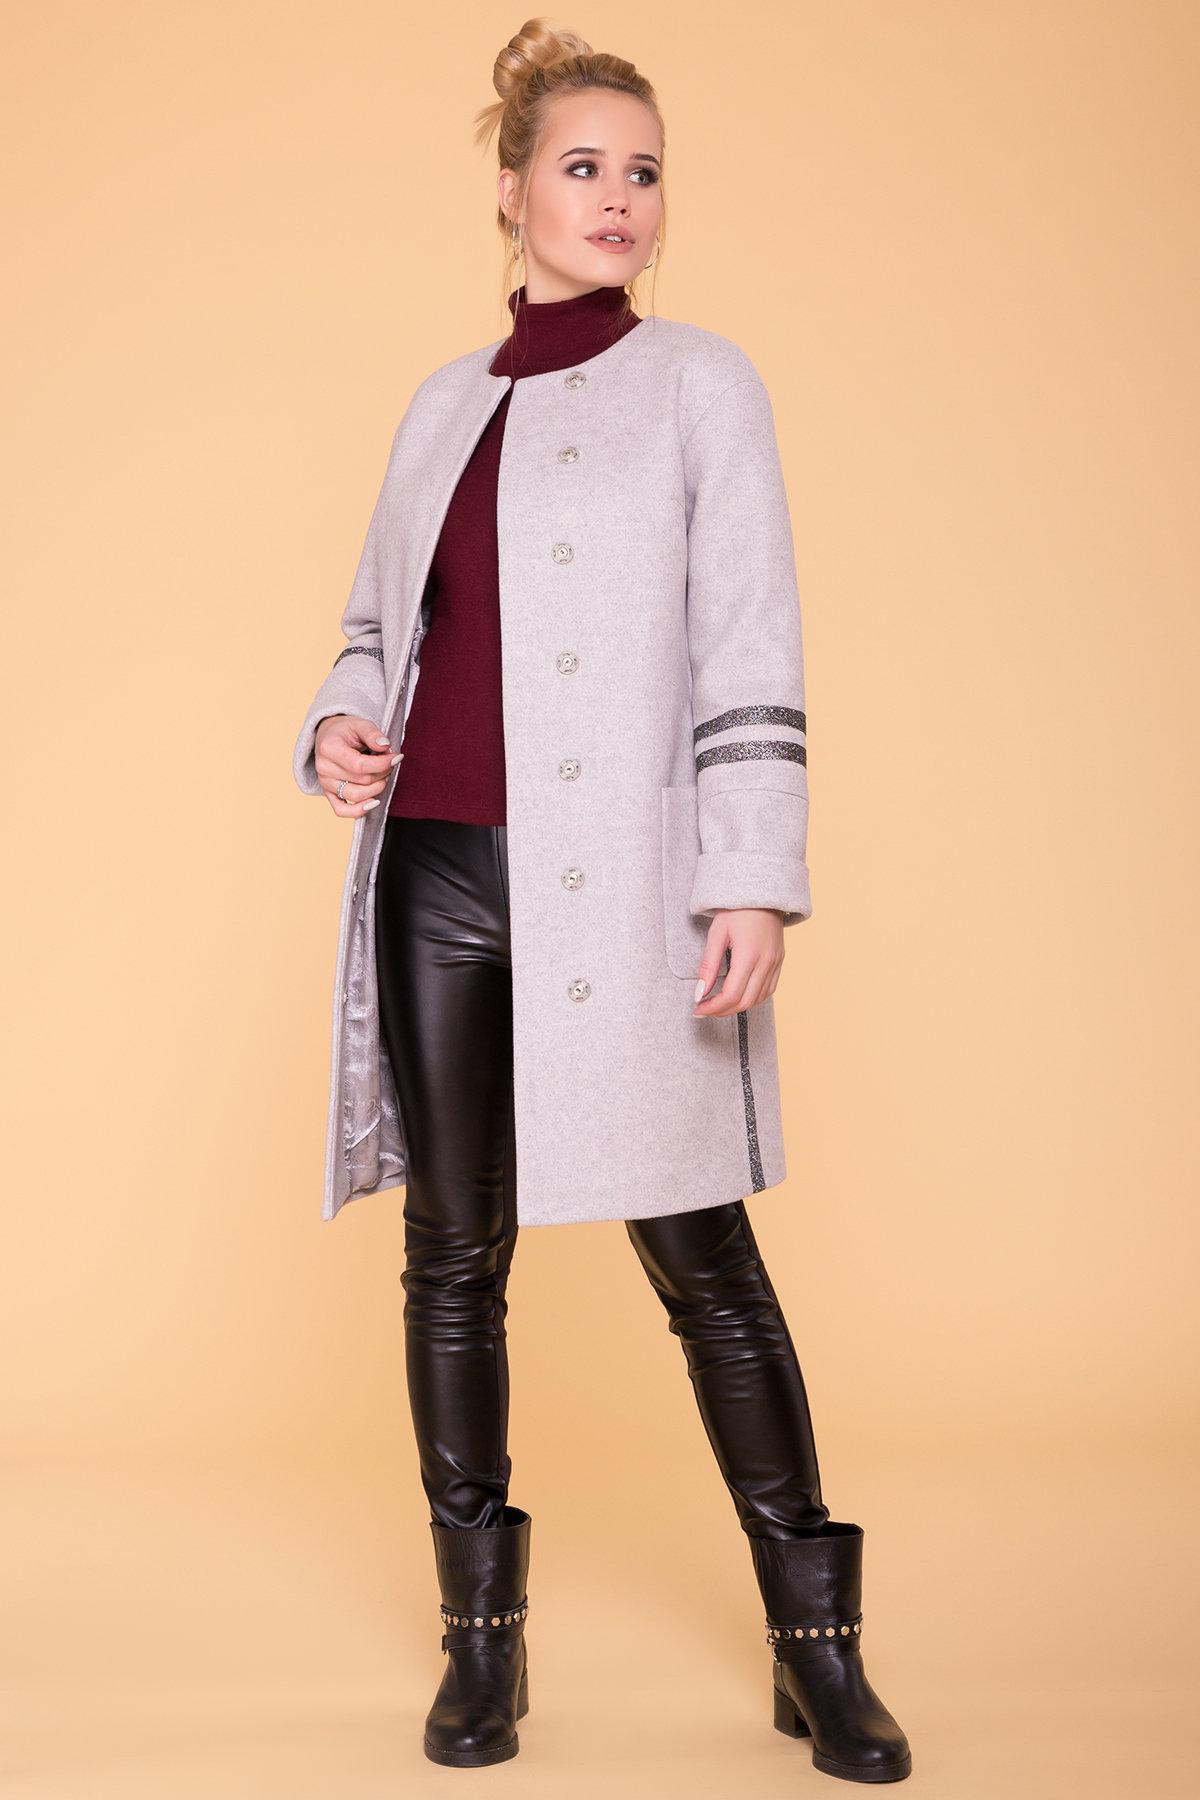 Пальто Приоритет лайт 6307 АРТ. 41093 Цвет: Серый Светлый 27 - фото 3, интернет магазин tm-modus.ru